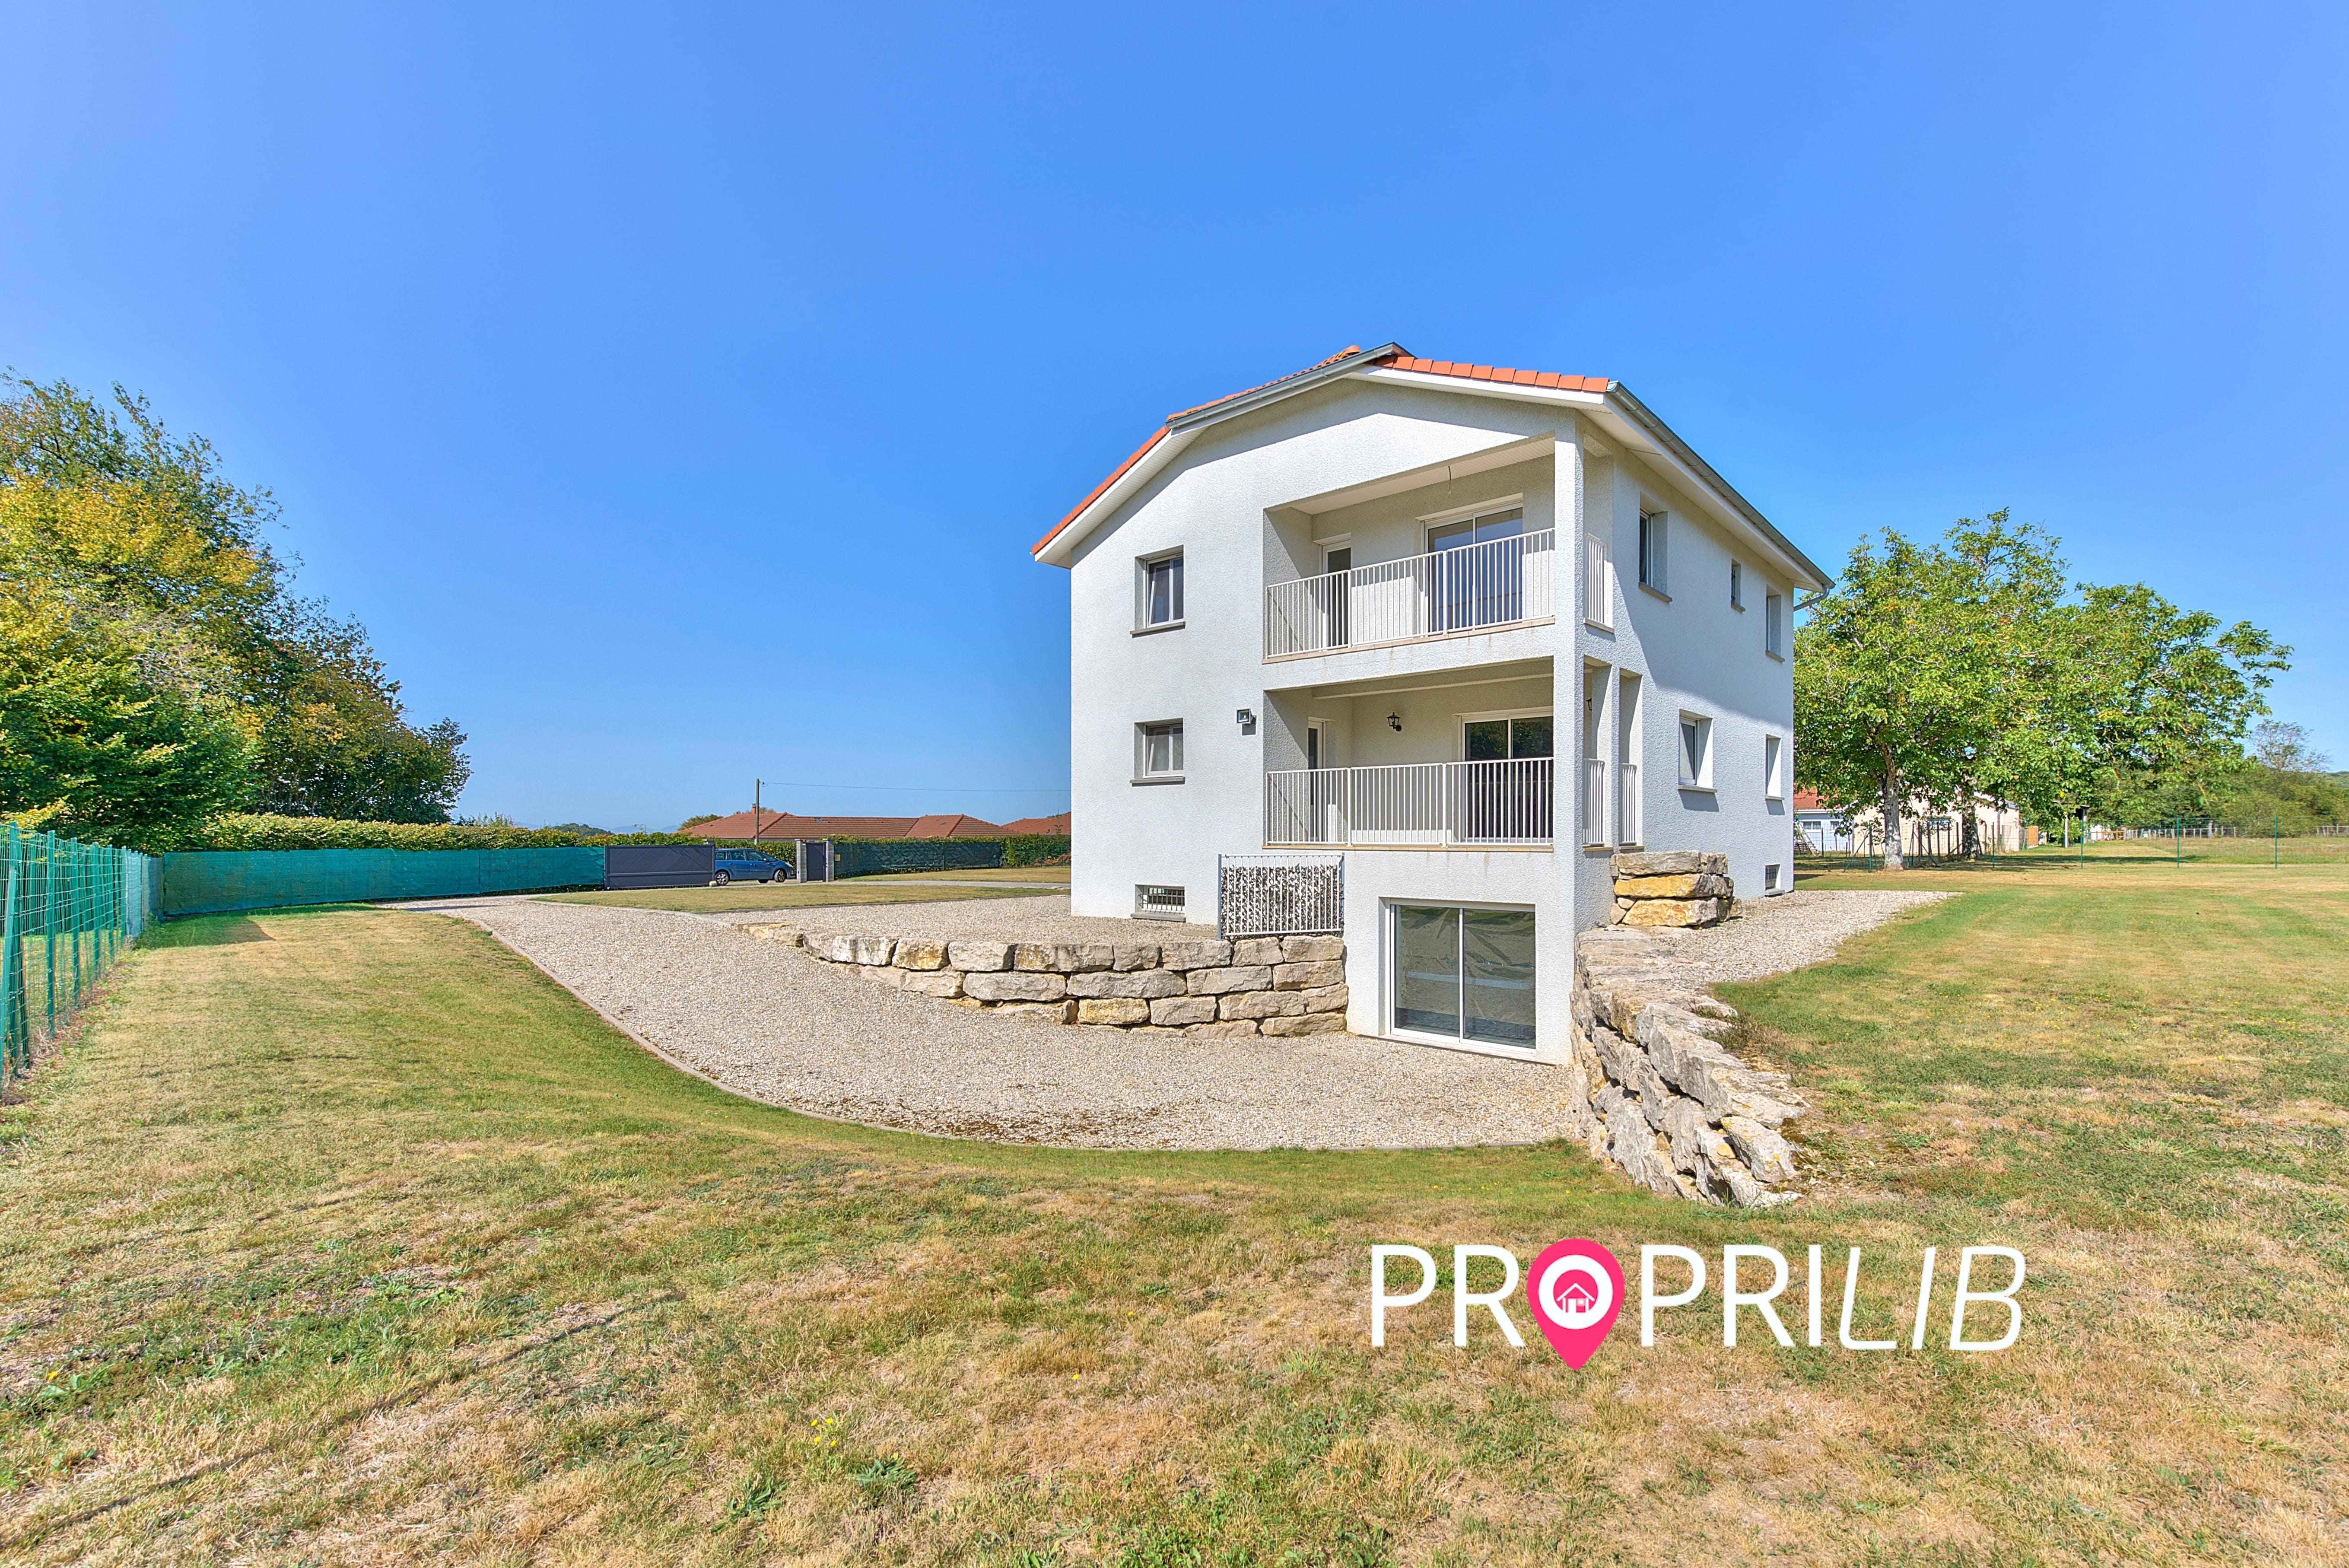 PropriLib l'agence immobilière en ligne à prix fixe vend cette maison à Meyrieu-les-Etangs